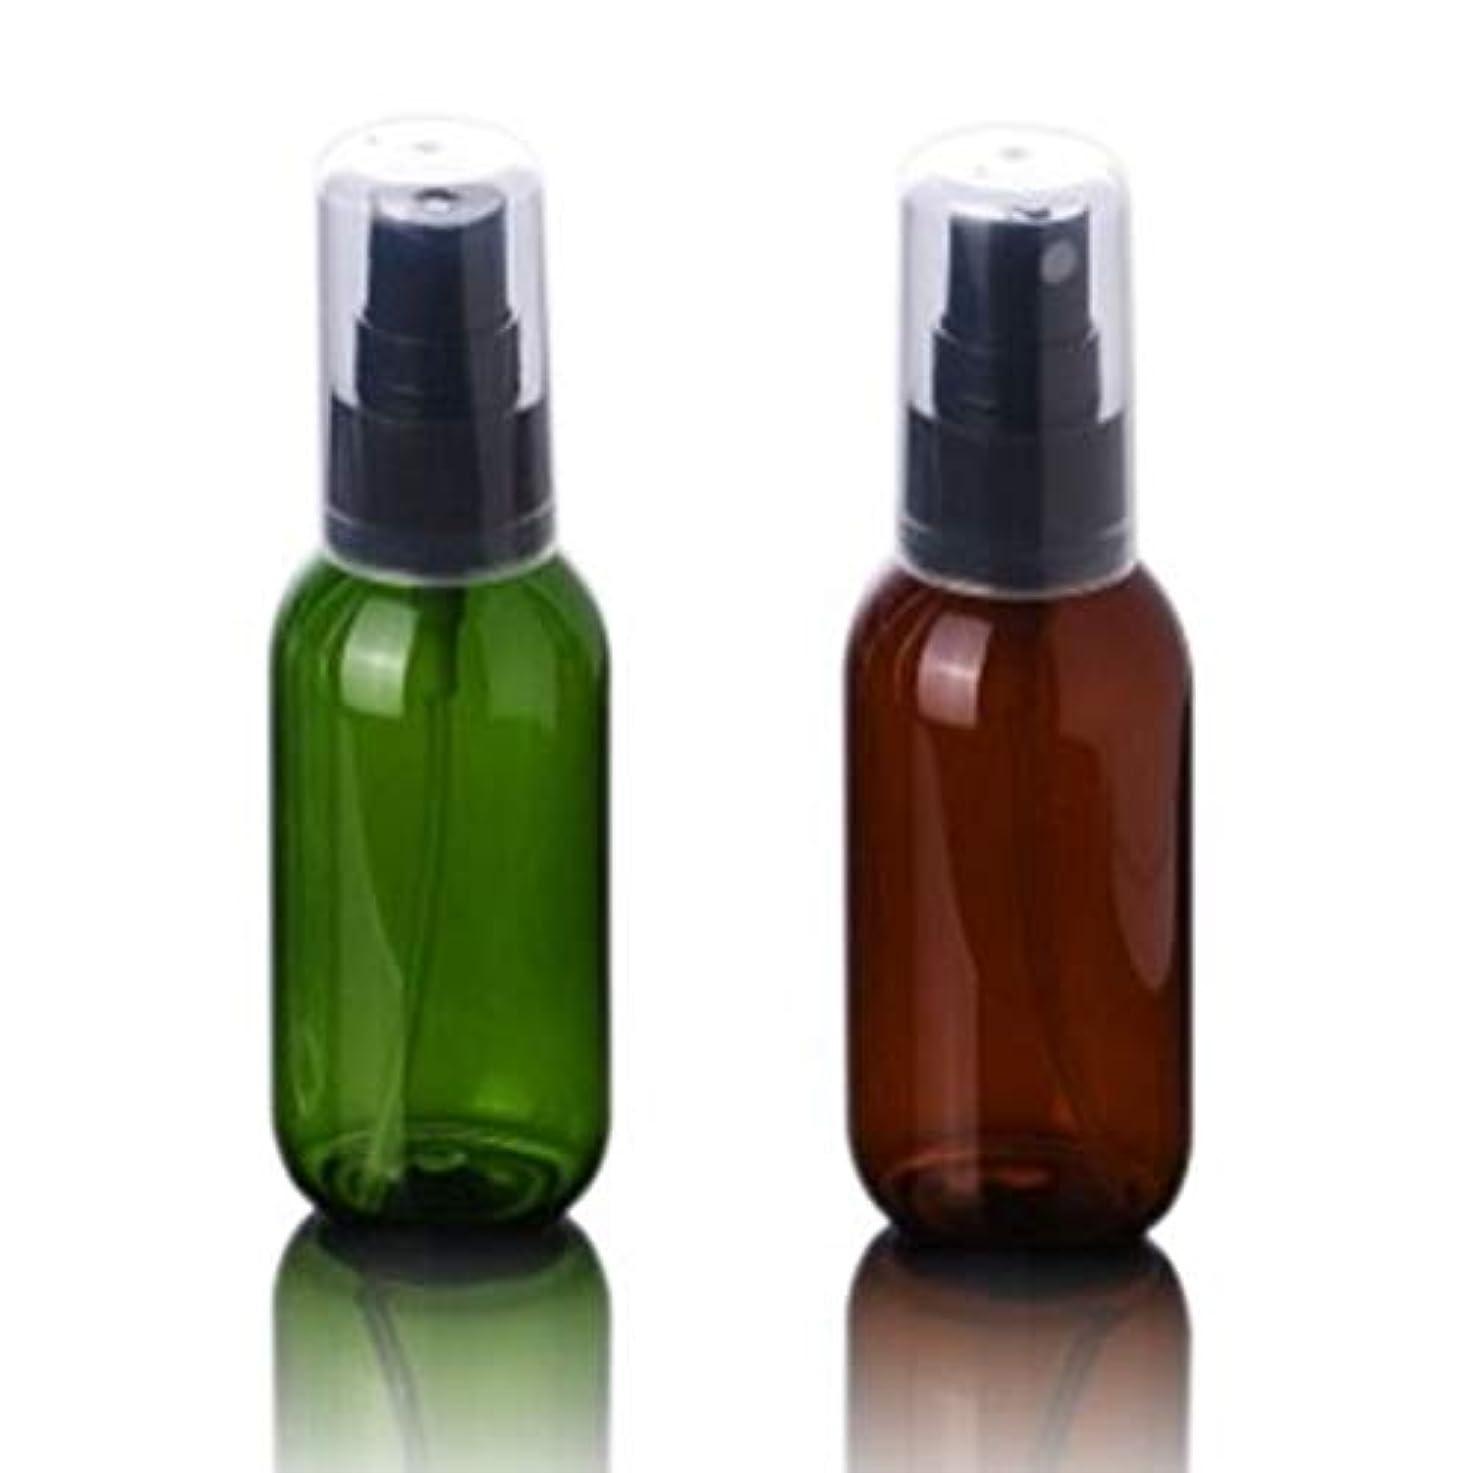 違反ぼかし本体Bijou Cat スプレーボトル 50ml プラスチック製本体 遮光 霧吹き 緑?茶色 2本セット